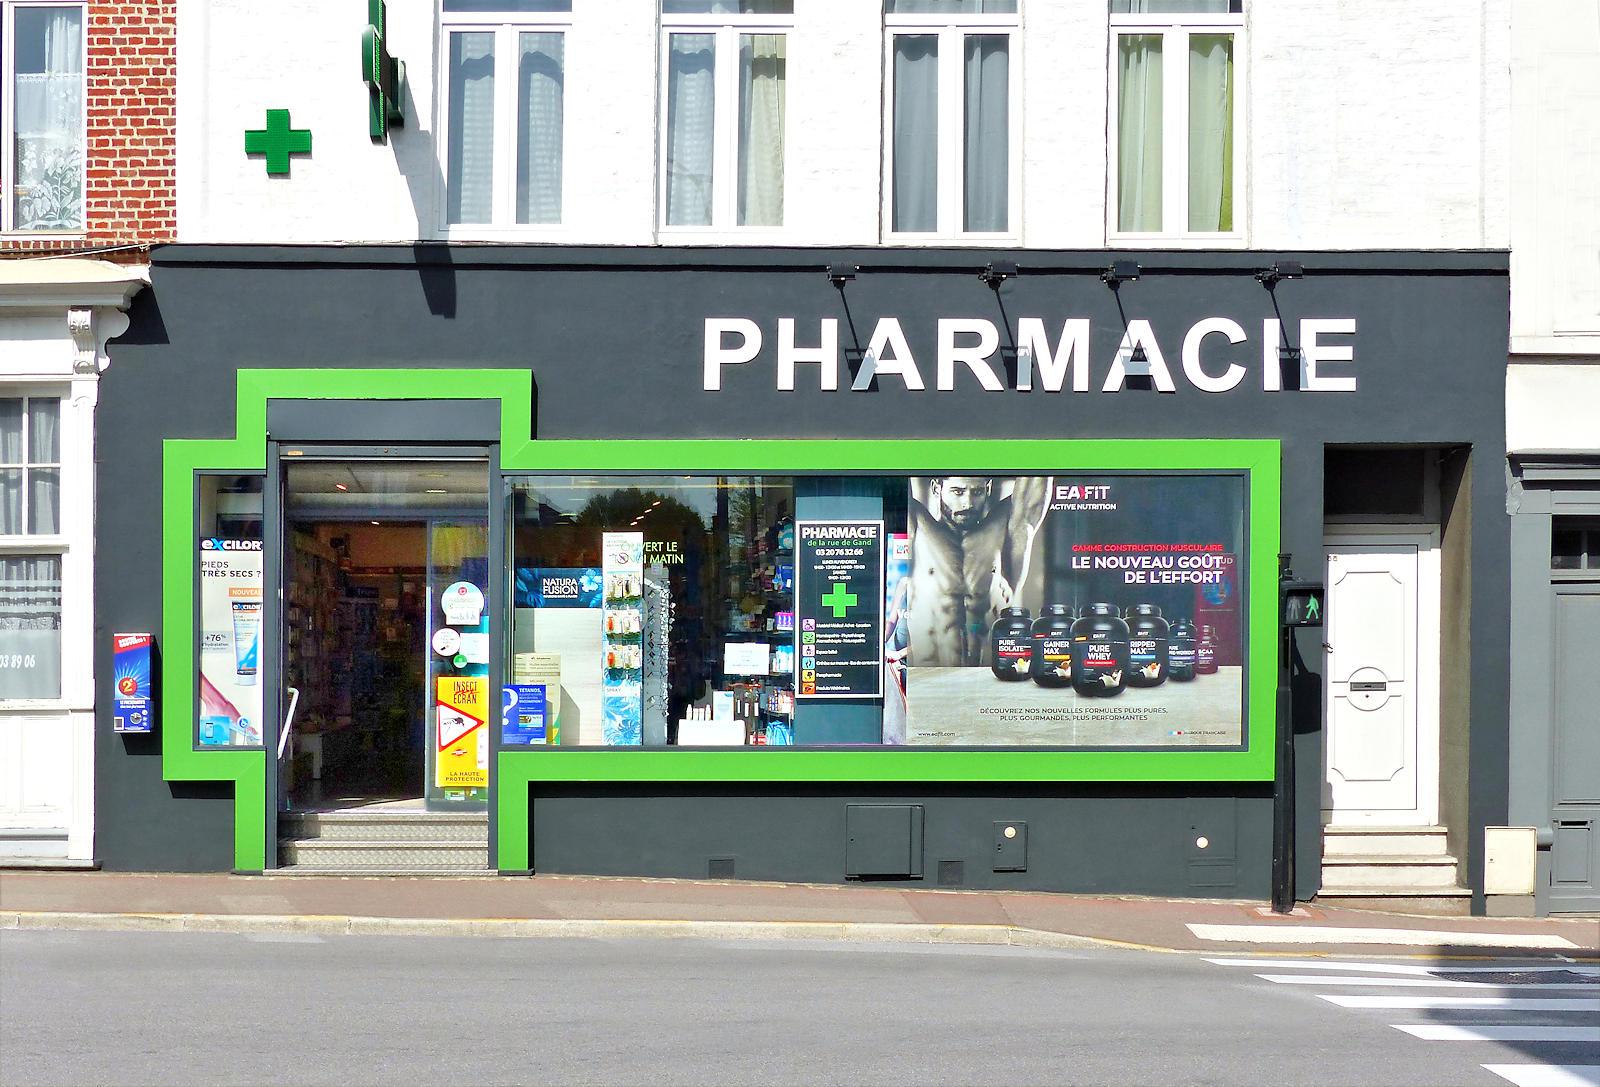 Pharmacie Tourcoing - Pharmacie de la rue de Gand